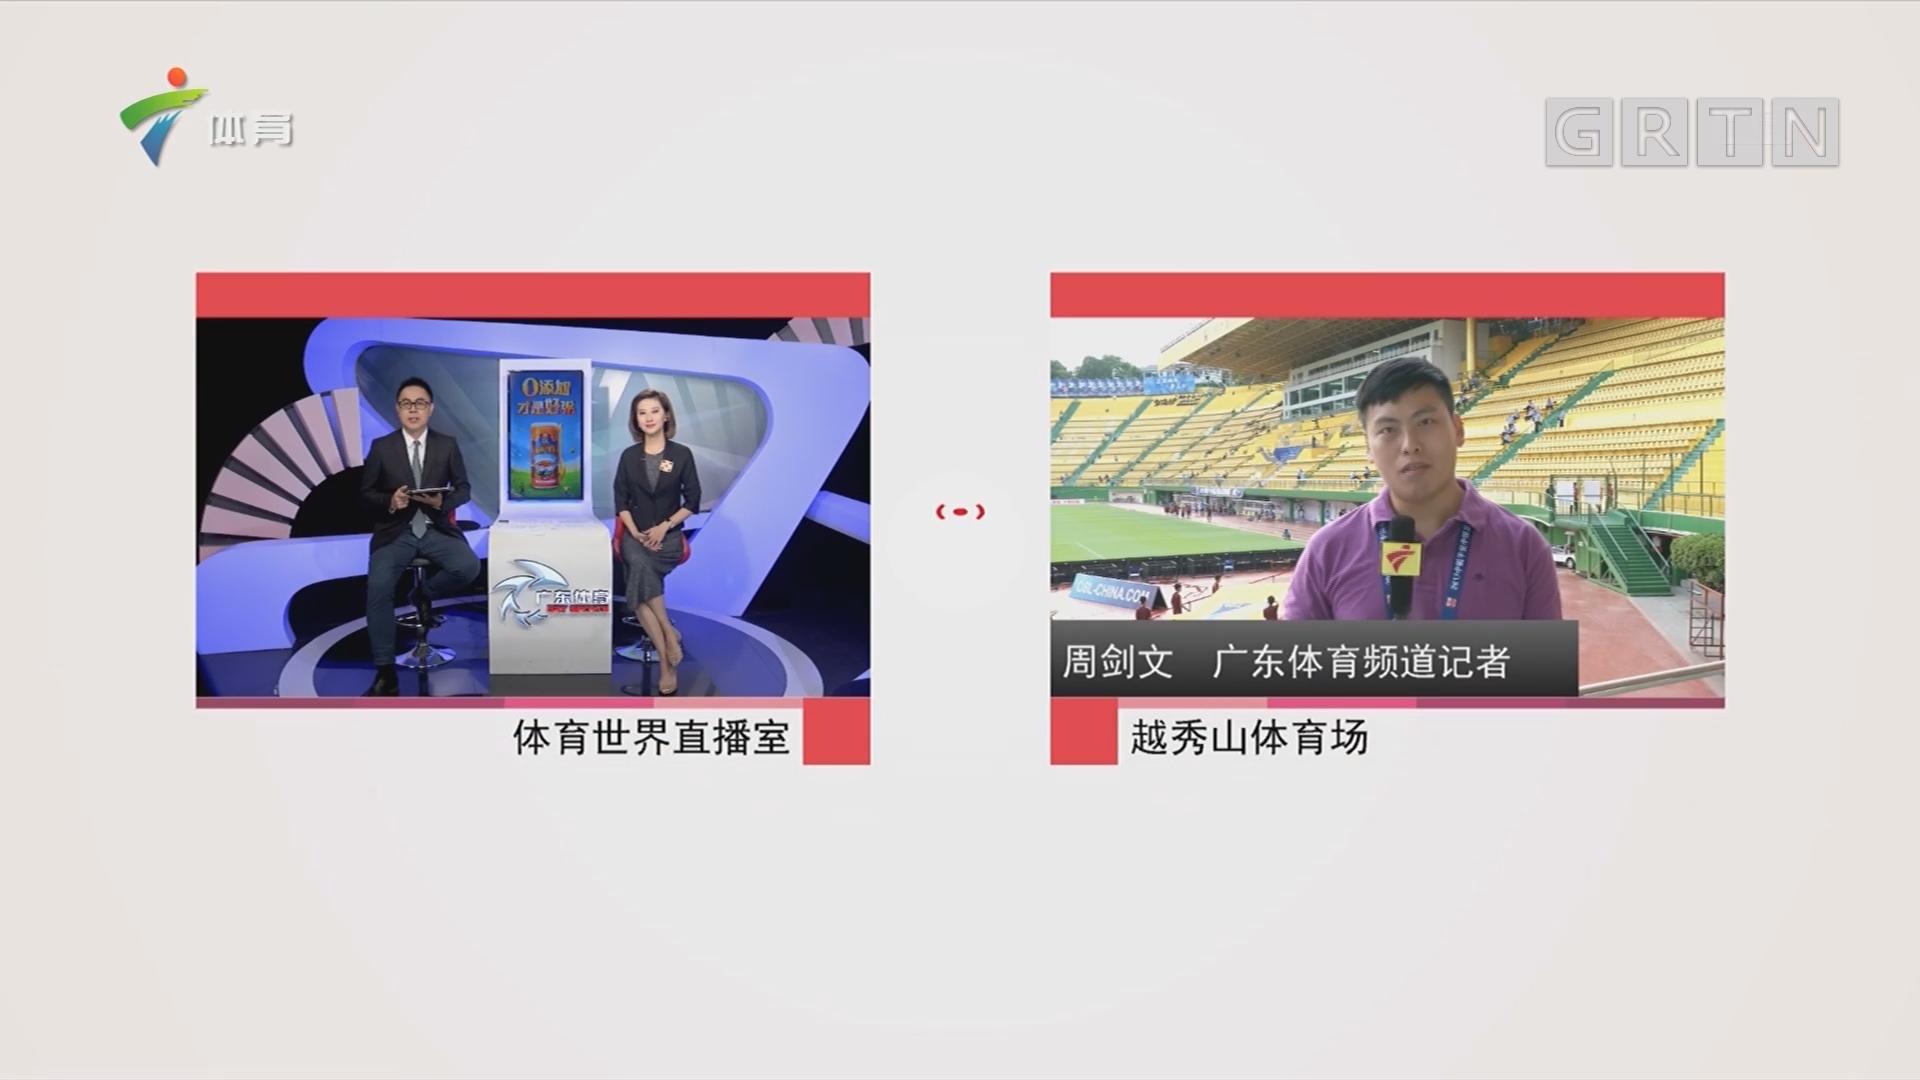 中超现场连线:广州富力VS江苏苏宁